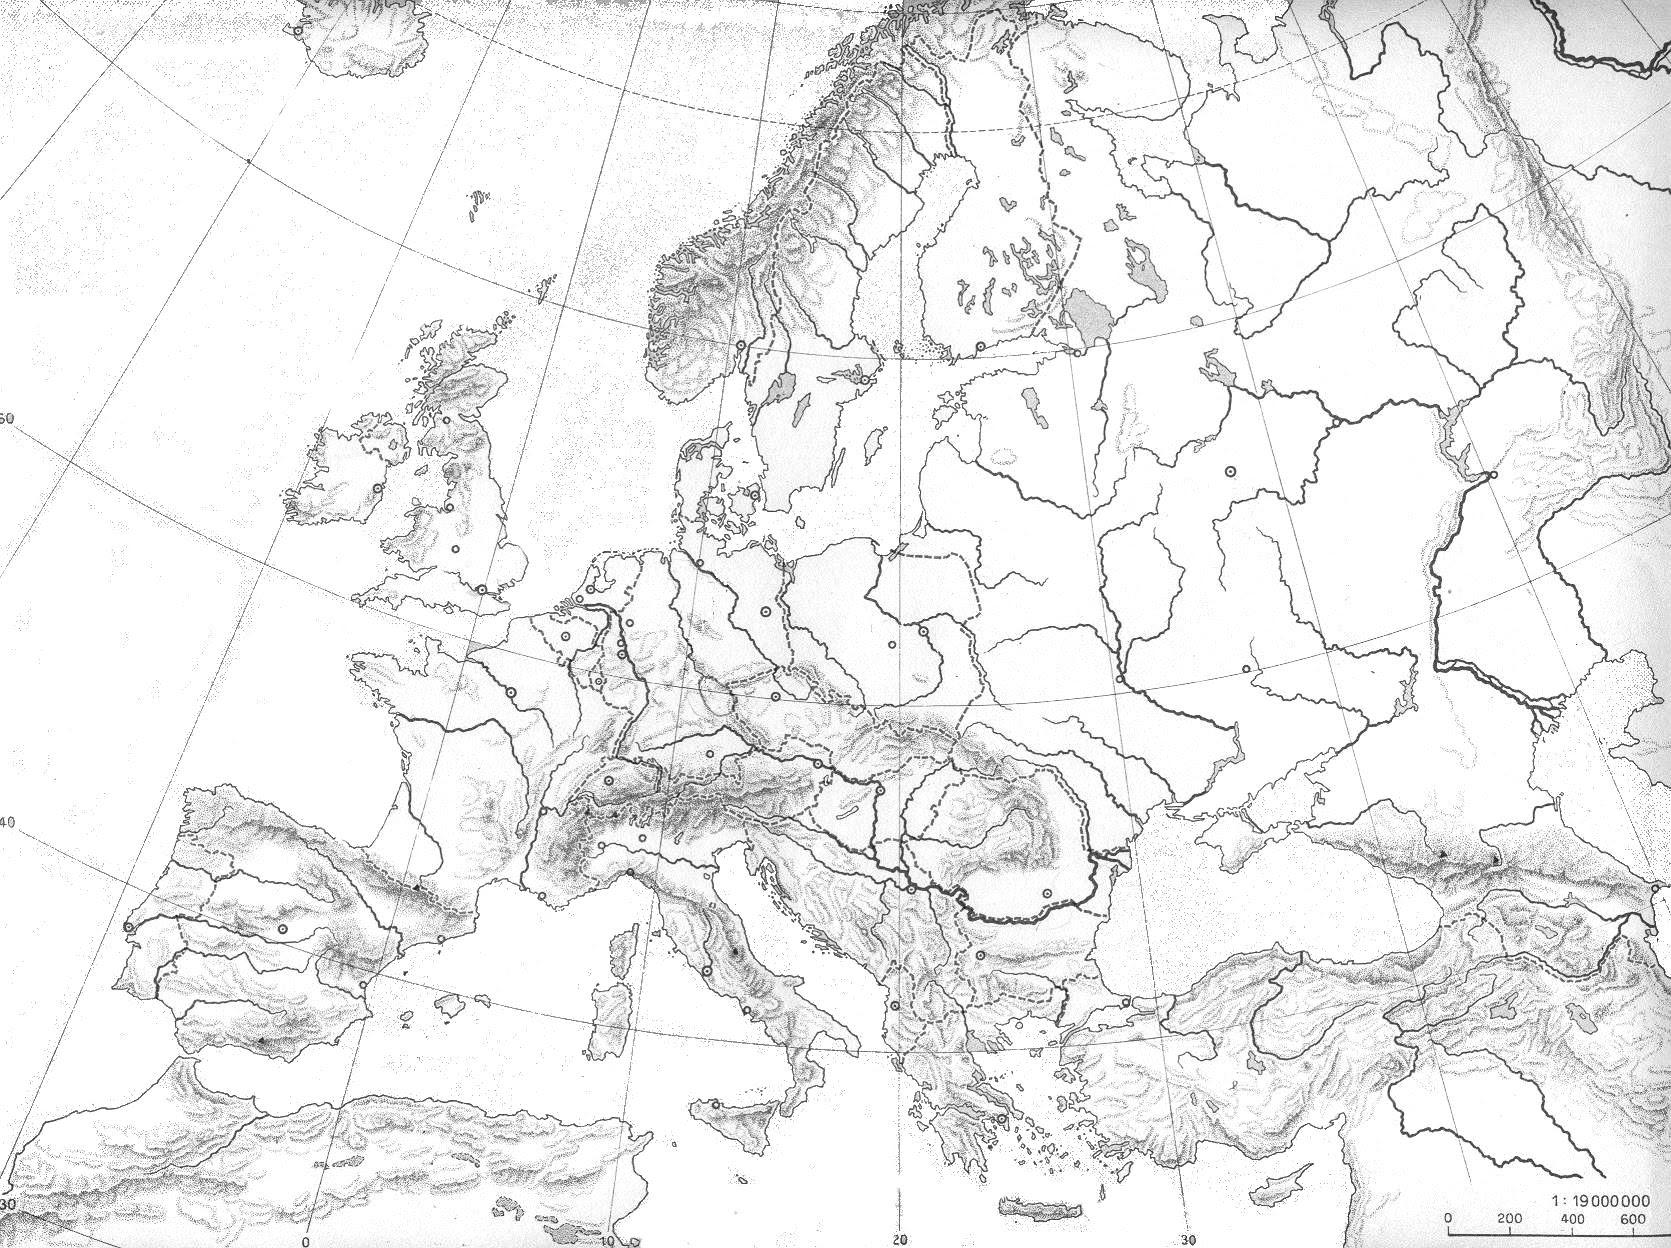 Mapa Fisico Europa Mudo.Mapa Fisico Mudo De Europa Mapa